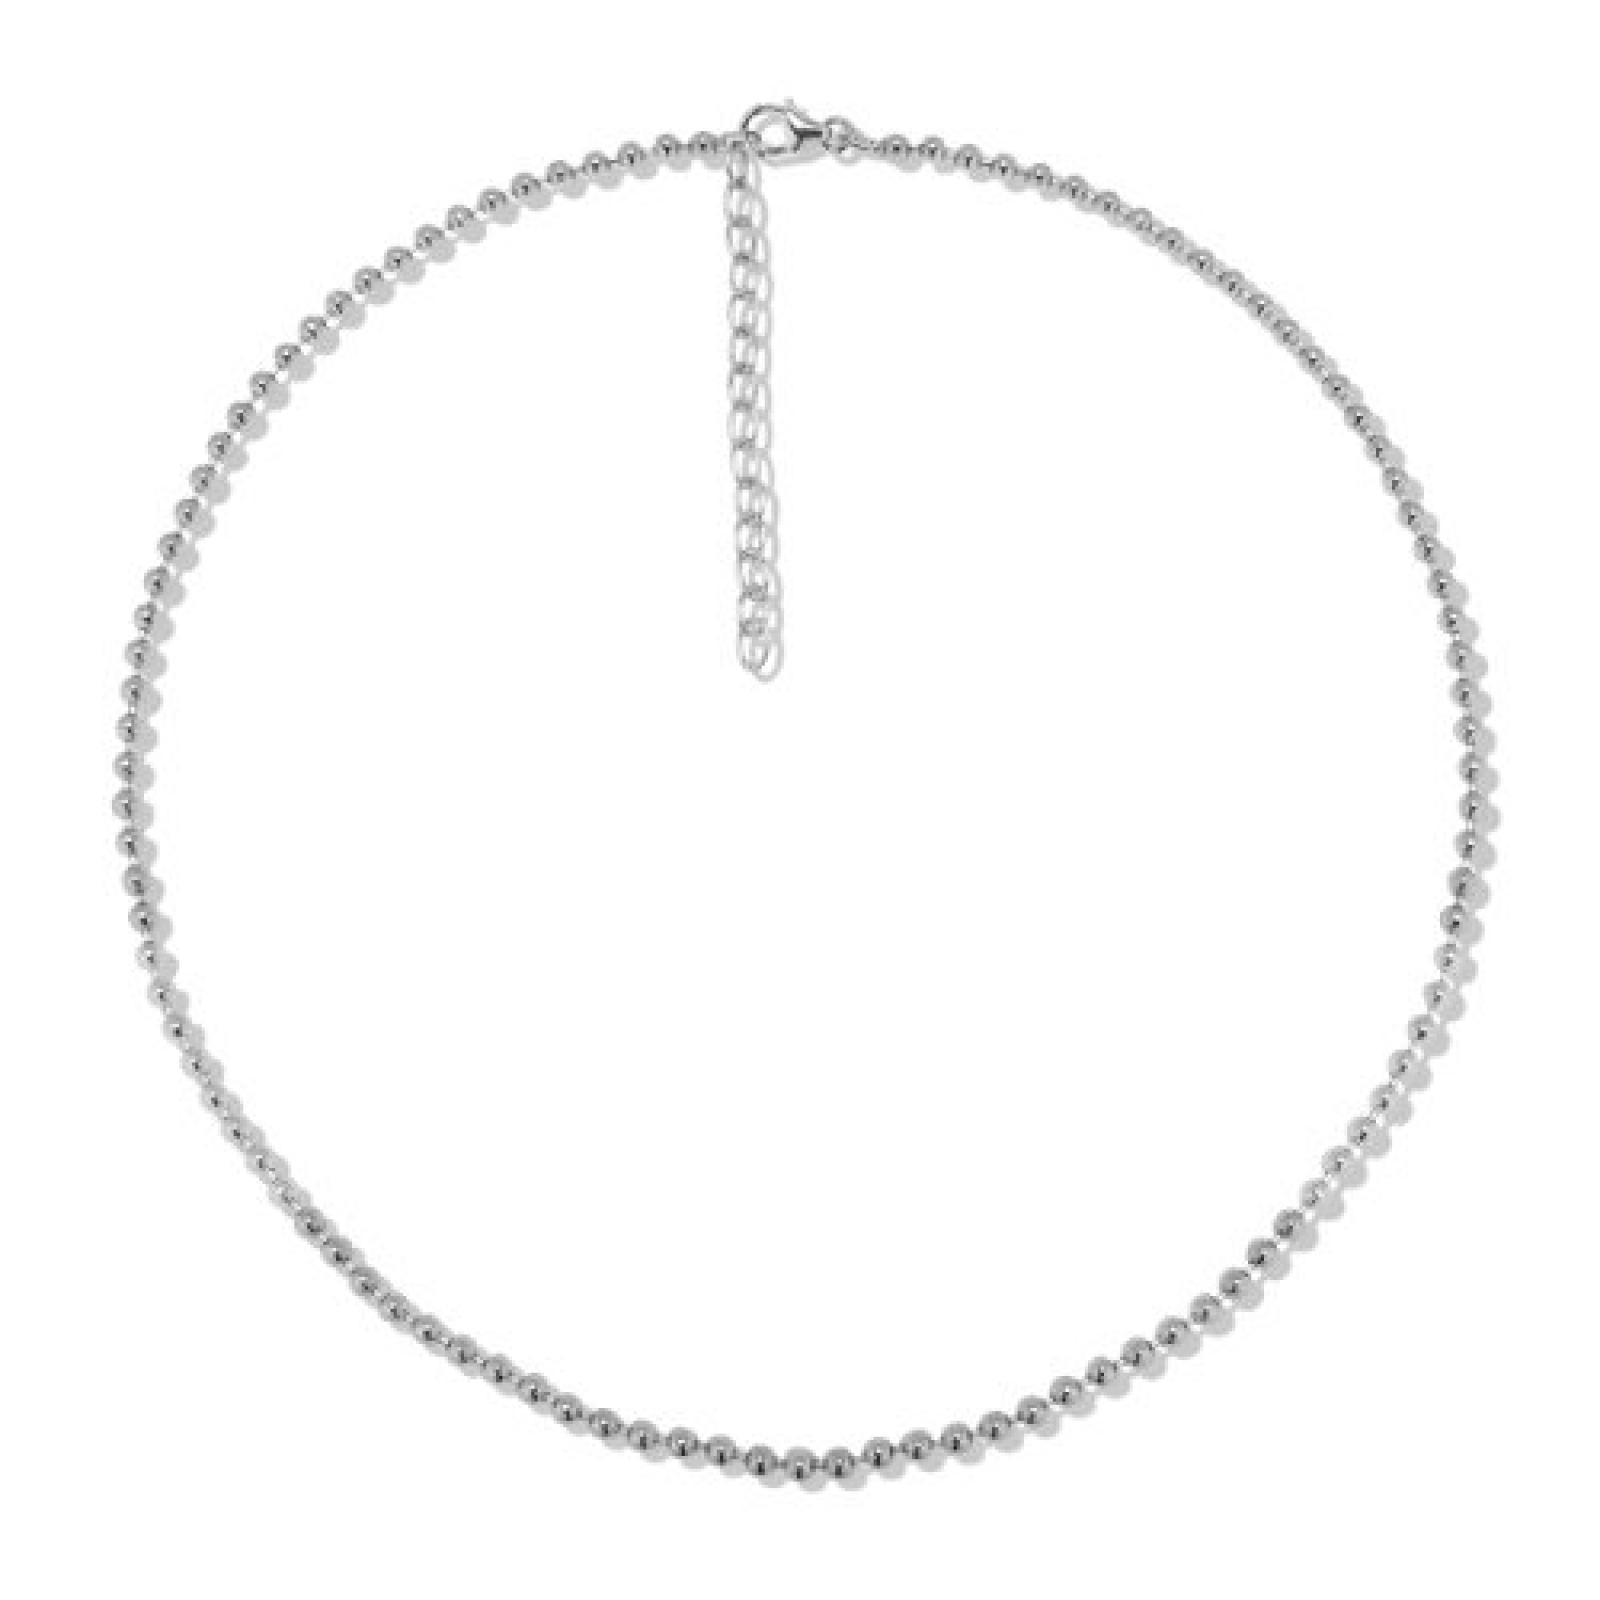 Rafaela Donata  Damen-Kugelkette Basic Collection 925 Sterling Silber 42 + 5 cm  60990086